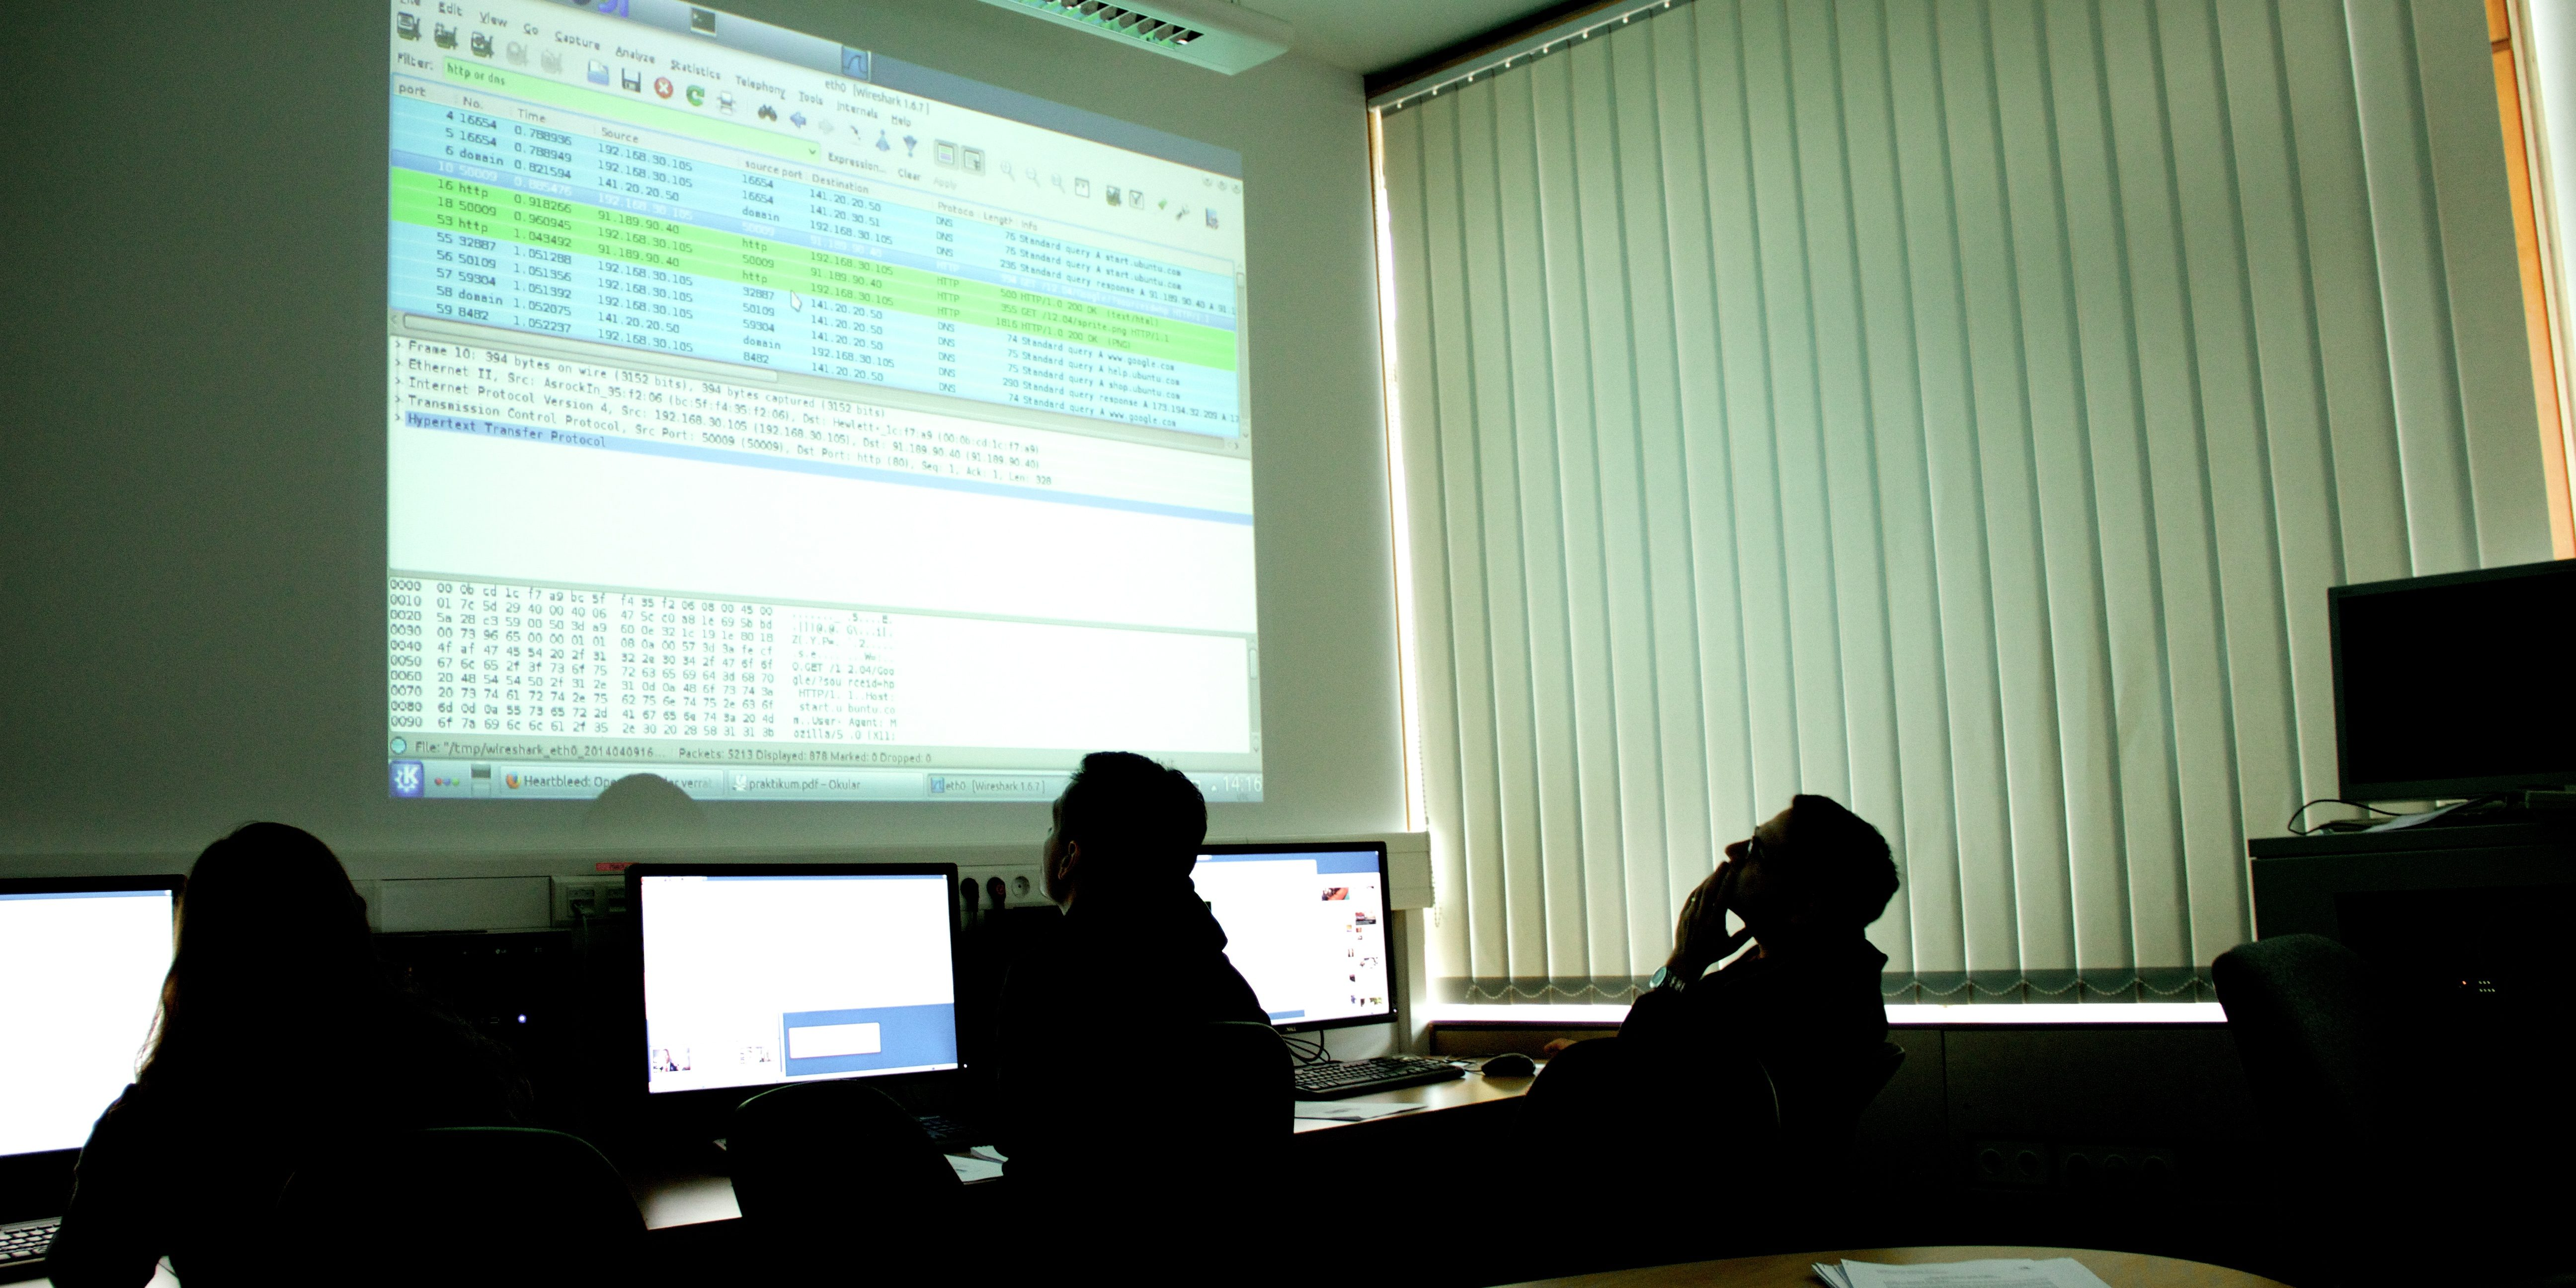 14_04_09_internetworkshop1